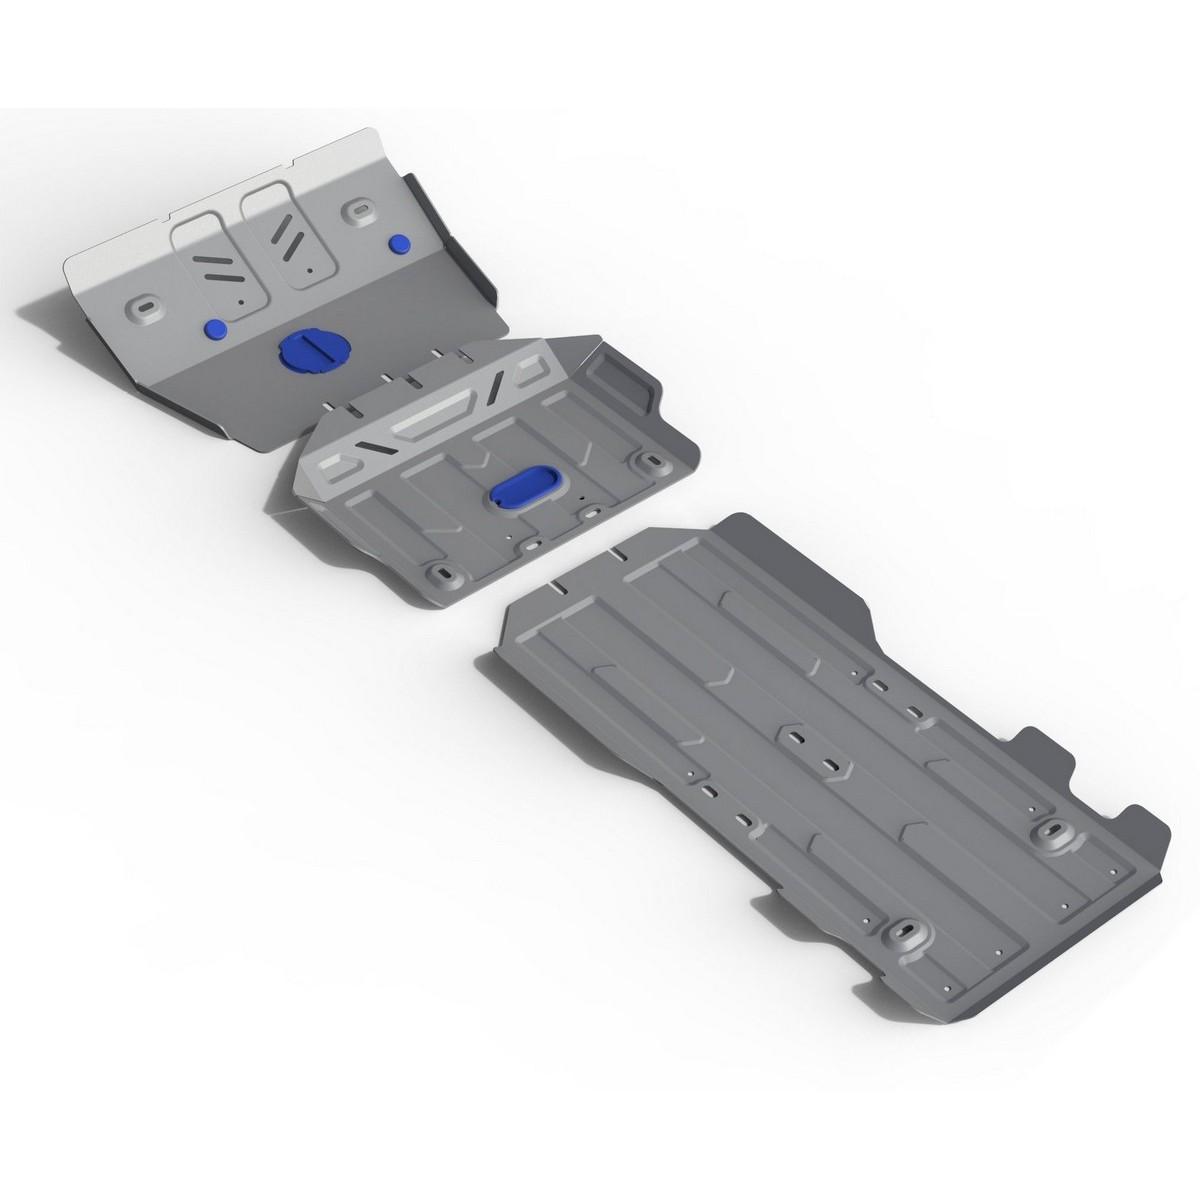 Защита радиатора, картера, КПП и РК Rival для Lexus GX 460 2009-2013 2013-н.в./Toyota Land Cruiser 150 Prado 2009-2013 2013-2017 2017-н.в., алюминий 4 мм, с крепежом. K333.9516.1 защита радиатора картера кпп и рк rival для lexus gx 460 2009 2013 сталь 2 мм